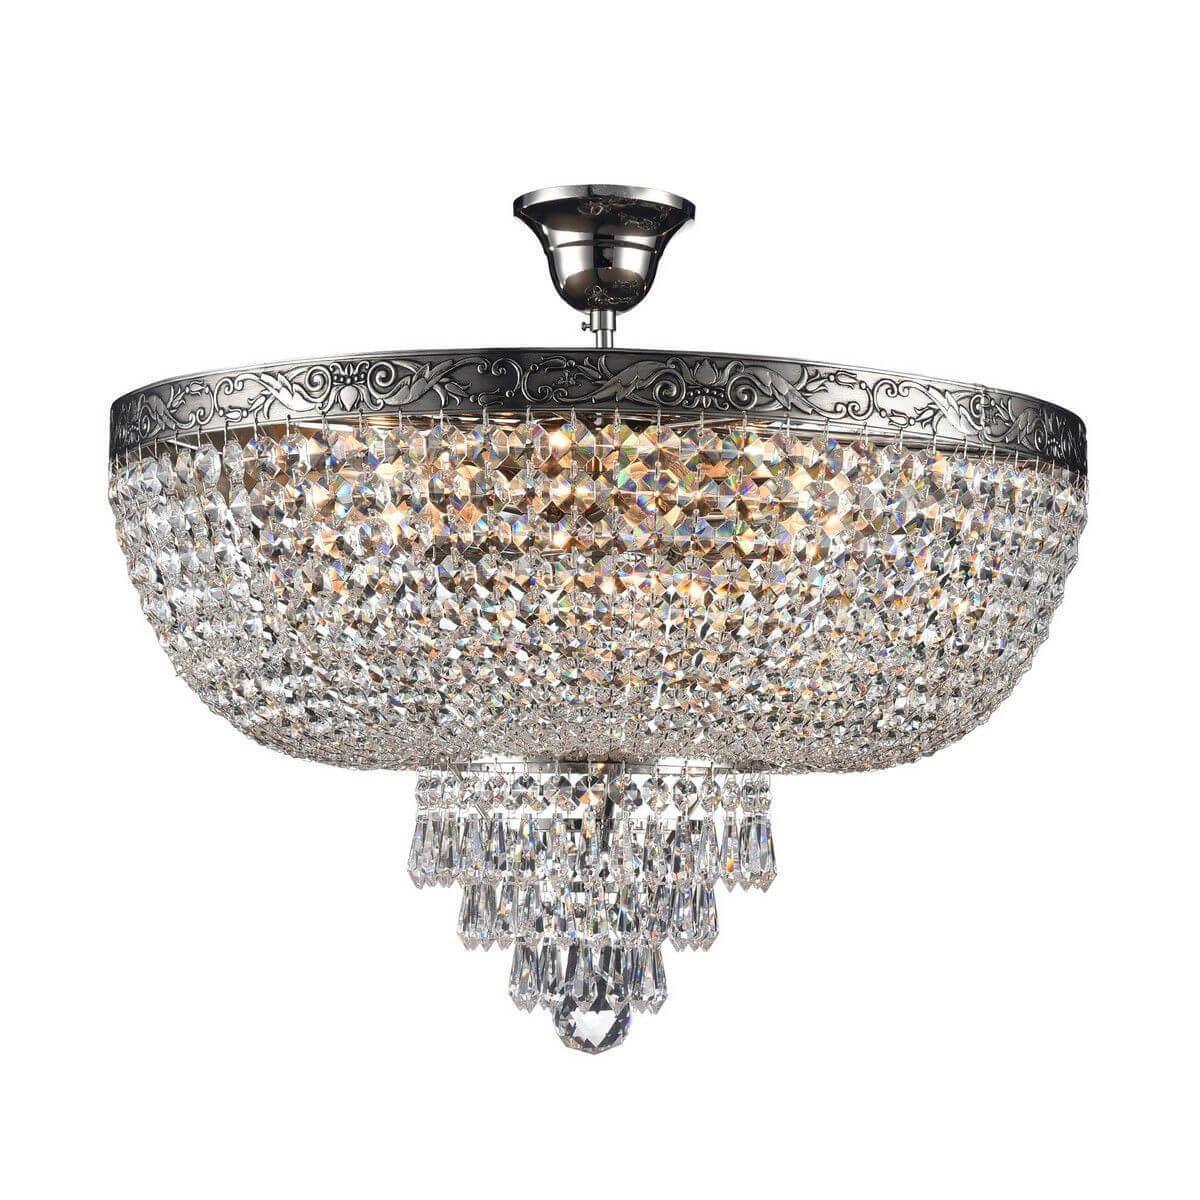 Потолочный светильник Maytoni Palace DIA890-CL-06-N